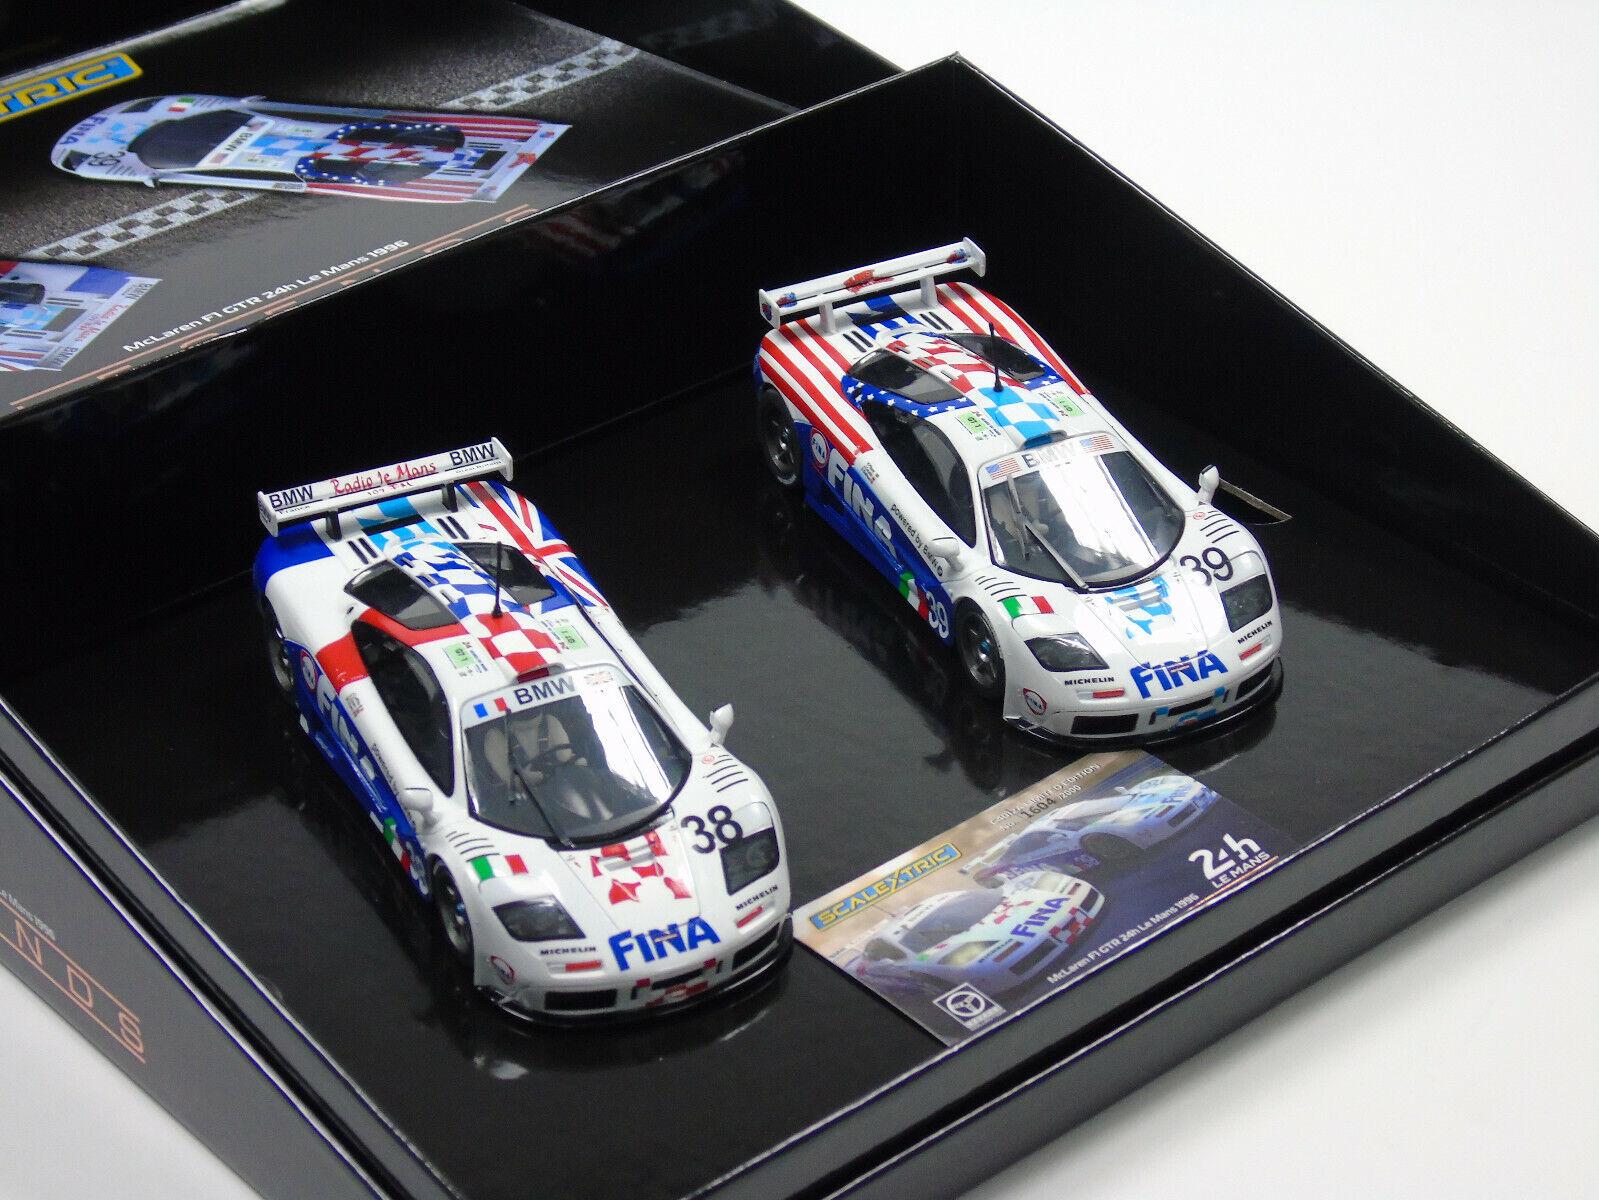 C4012a Scalextric Mclaren Mclaren Mclaren F1 GTR – Lemans 24 1996 Doble Pack 1  3 2 Escala  Ven a elegir tu propio estilo deportivo.